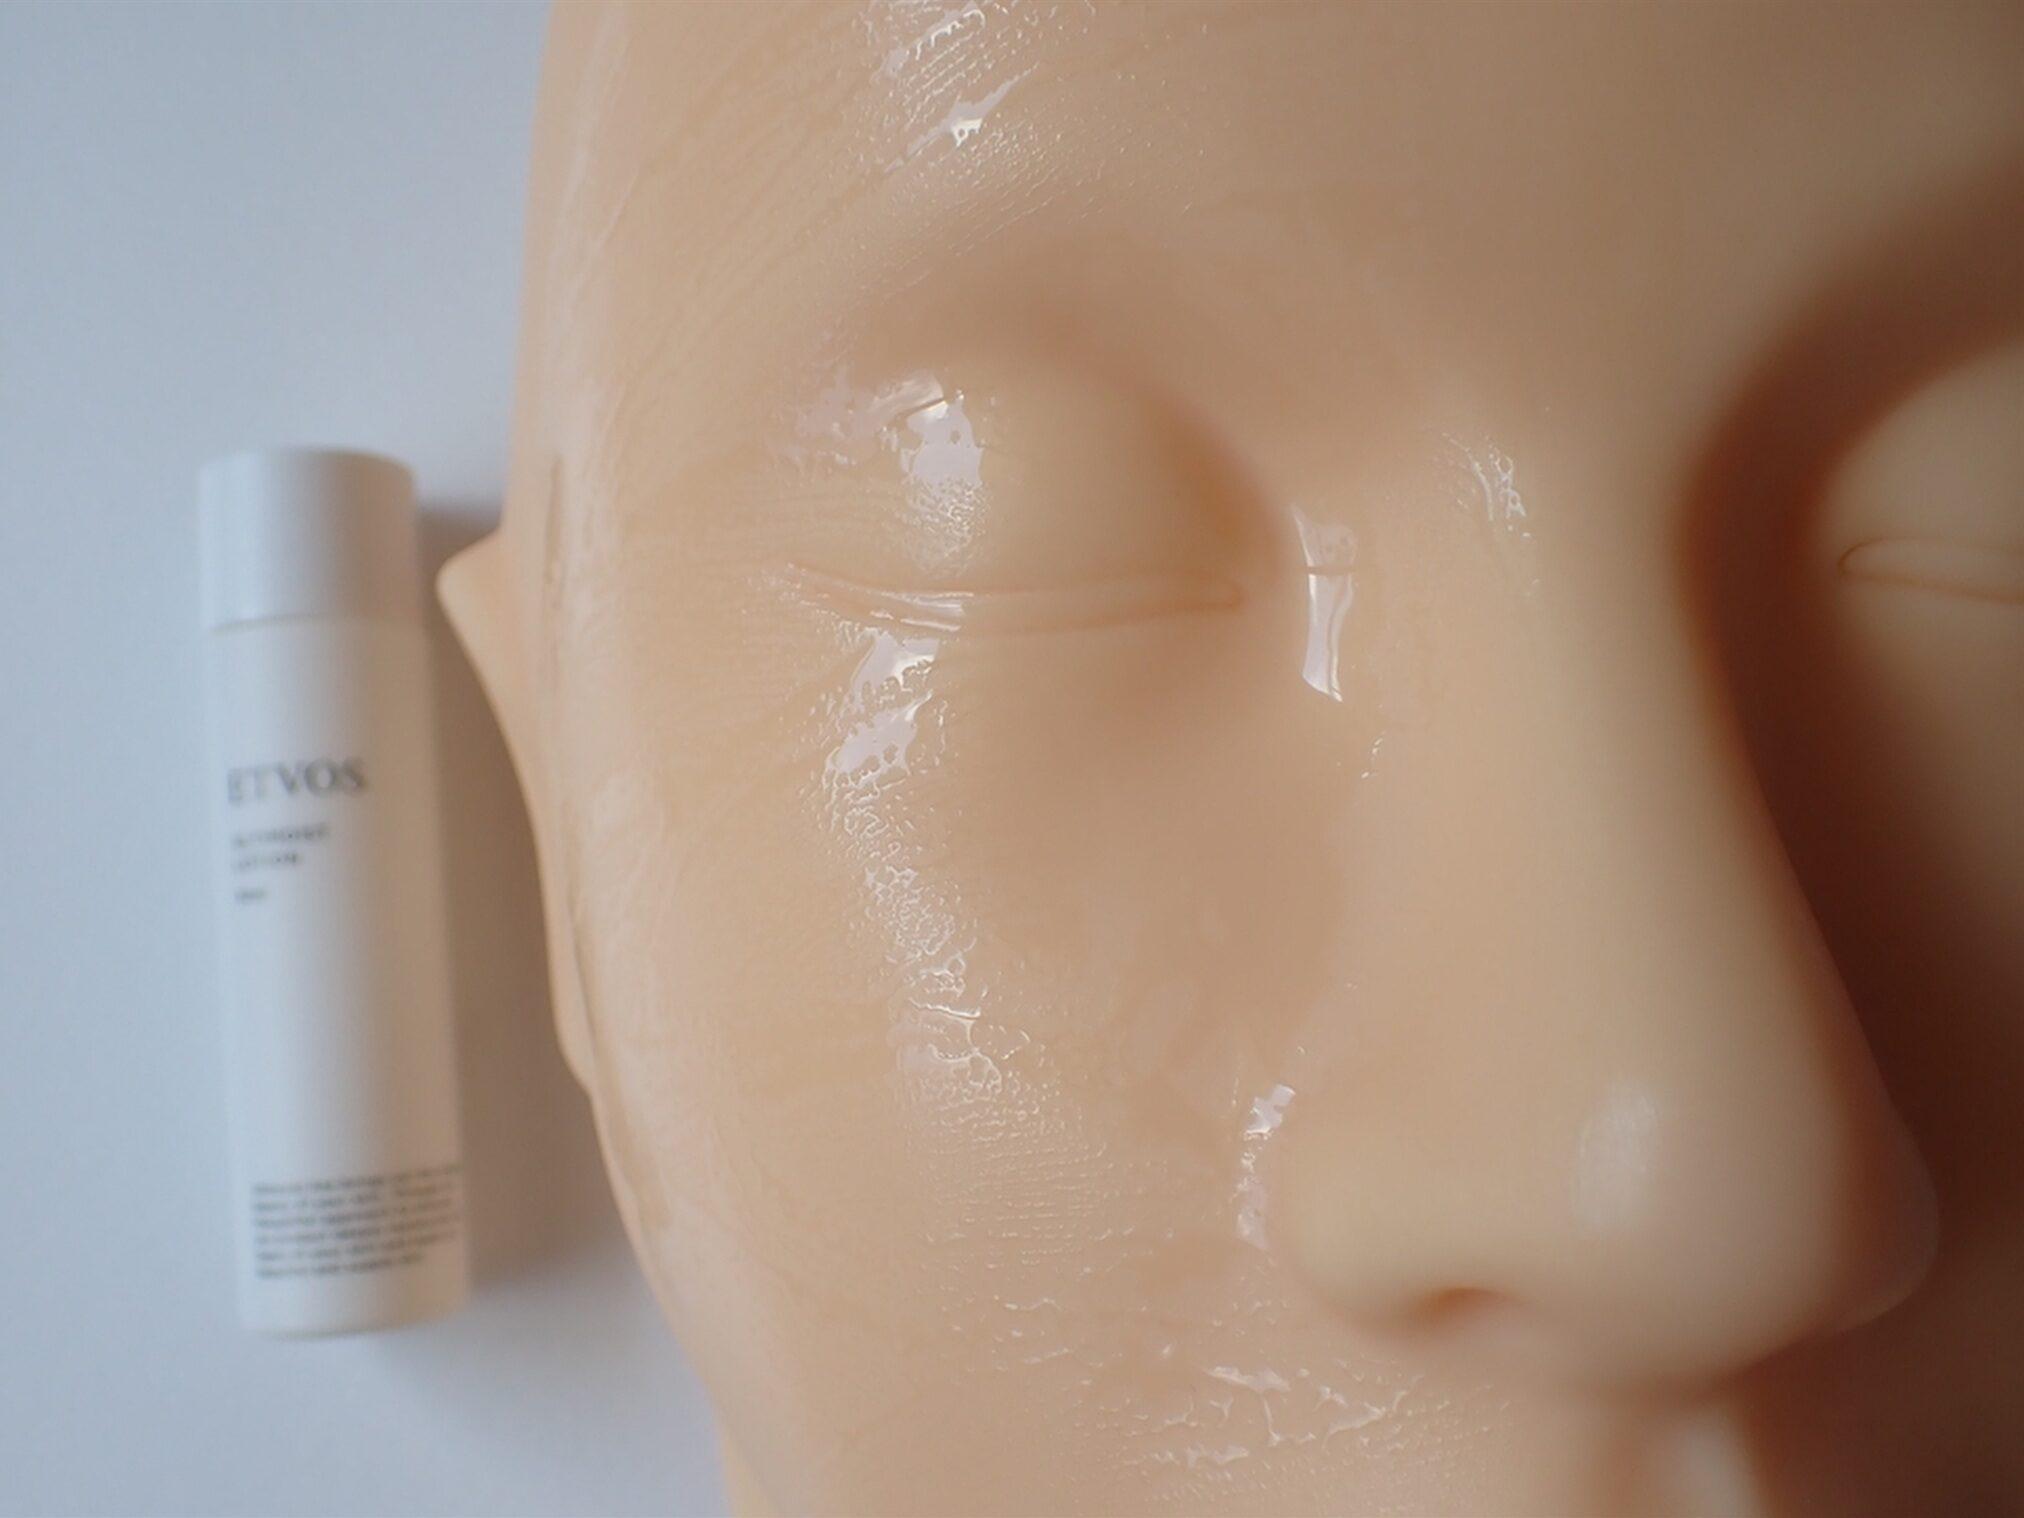 エトヴォス アルティモイスト トライアルキット ETVOS 保湿化粧水 アルティモイストローション 30ml 使用写真